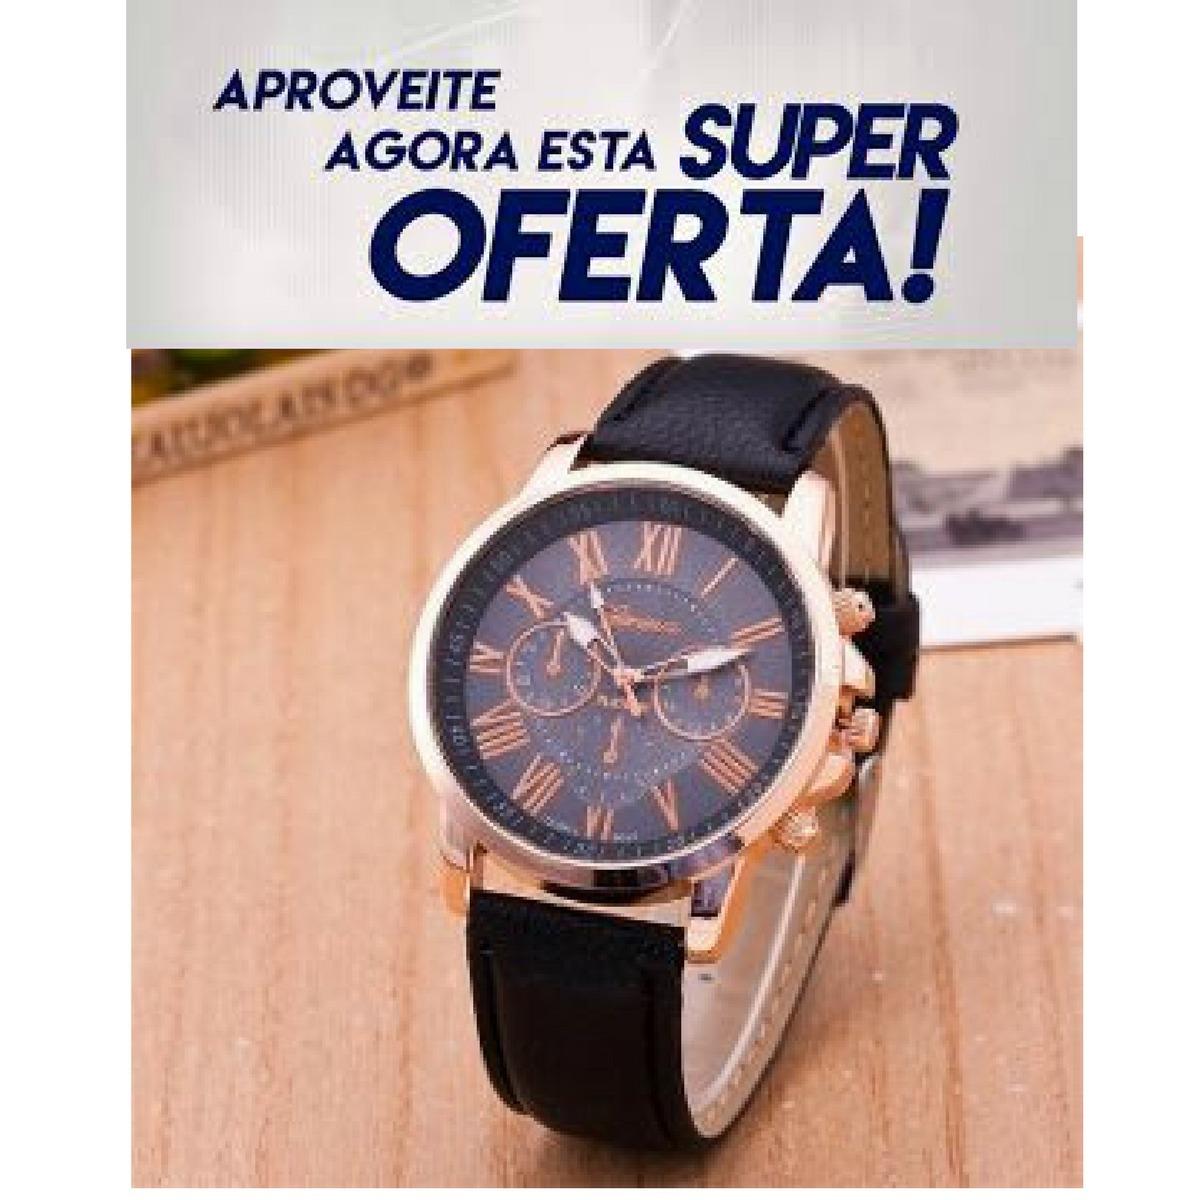 51f21d5ddab relógio de pulso masculino barato - relógios jóias promoção. Carregando  zoom.